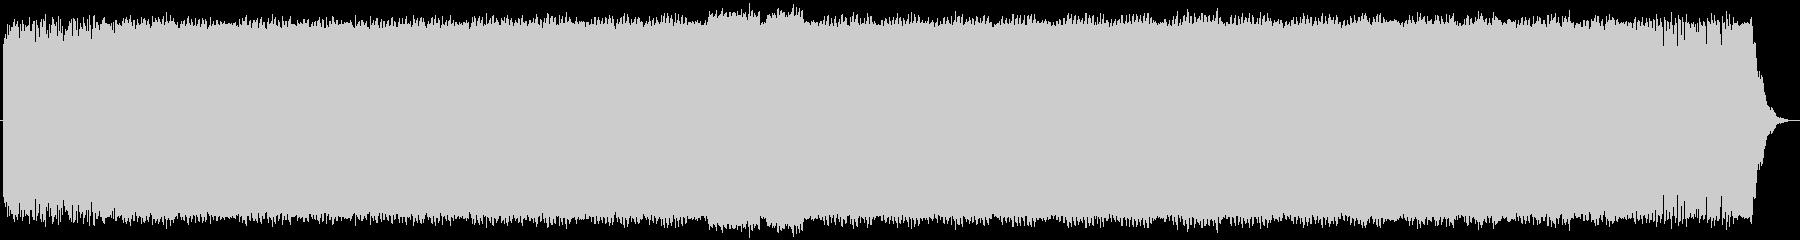 ノリのいいアシッドテクノの未再生の波形